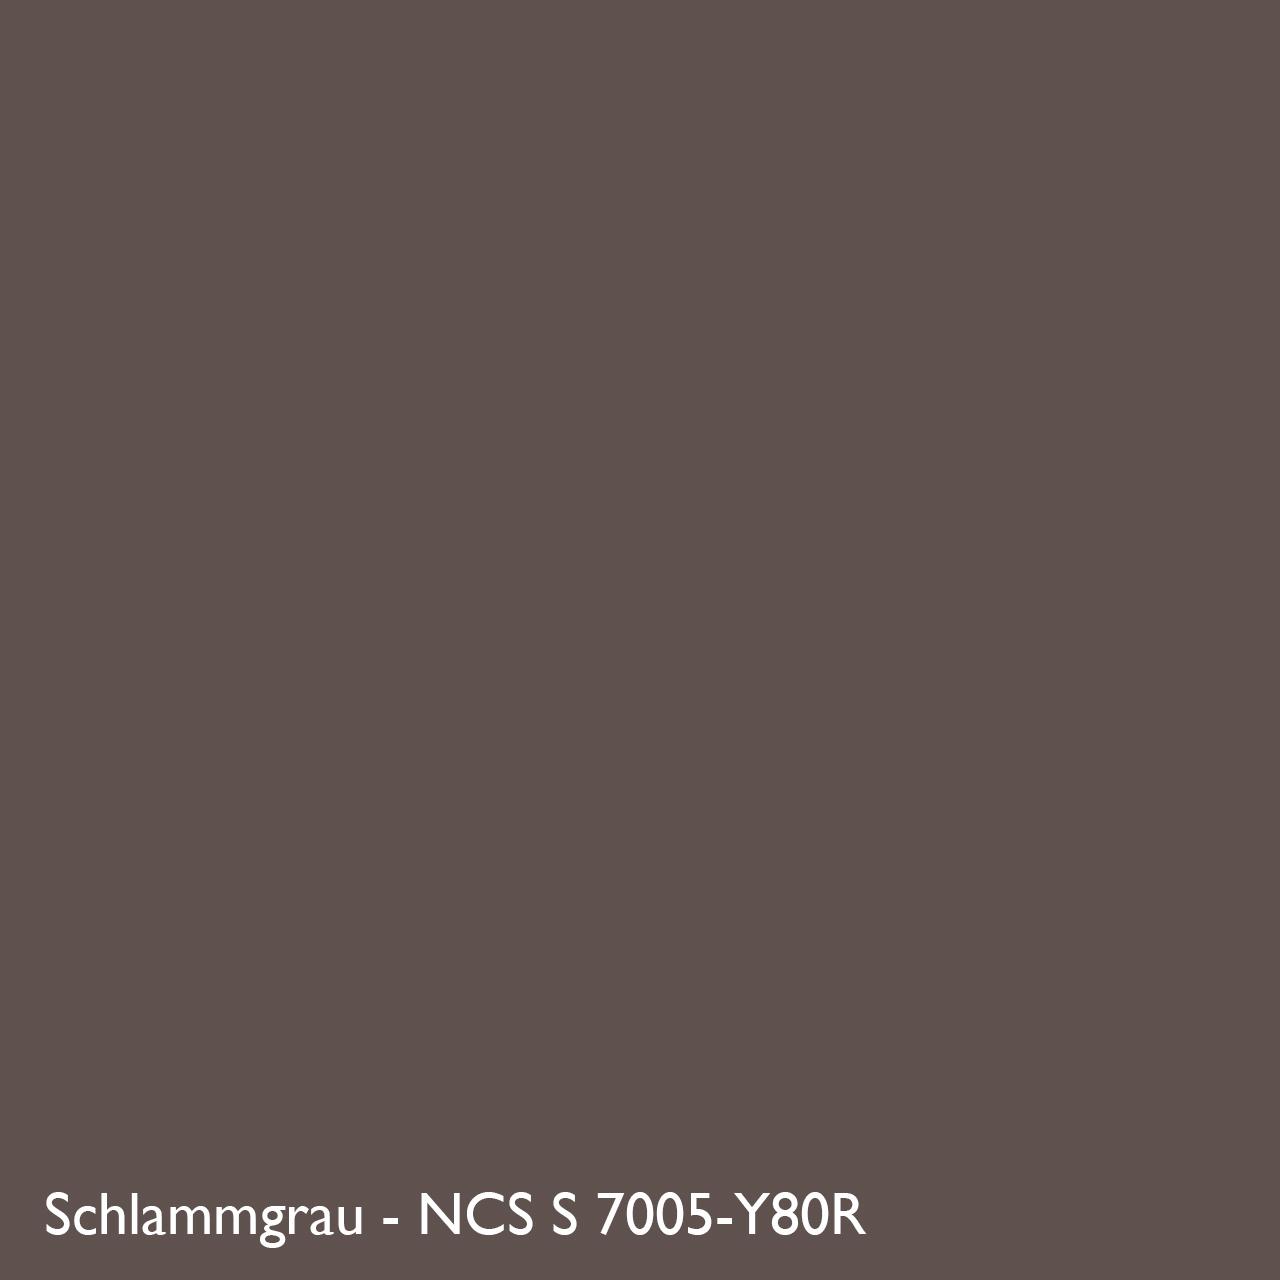 Farbkachel Manufakt Schlammgrau - NCS S 7005-Y80R